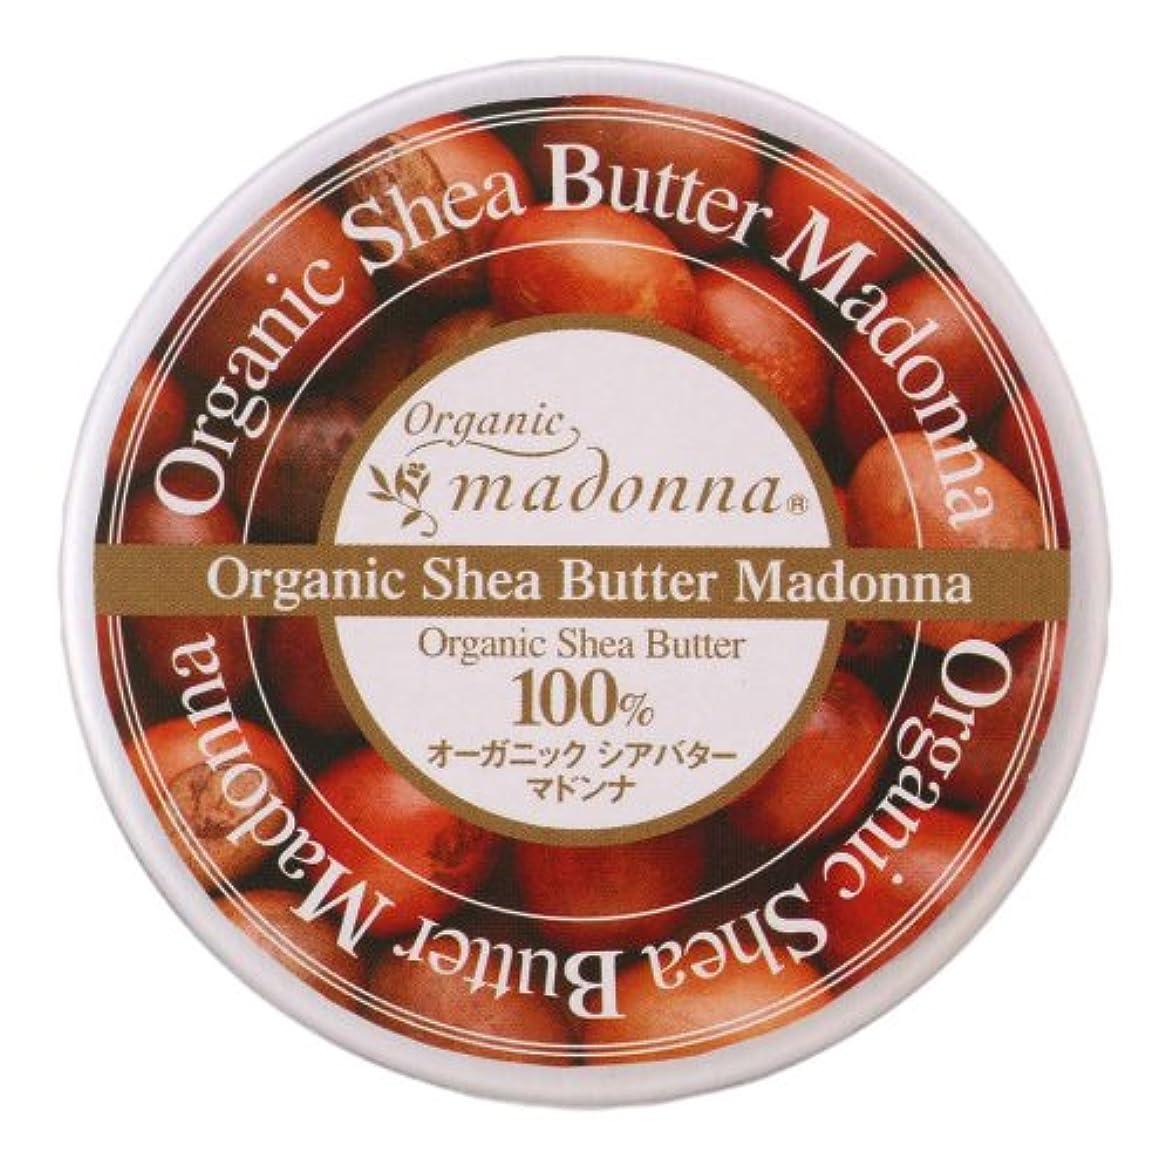 シルエット同時テメリティオーガニックシアバターマドンナ 25g(オーガニック100%シアバター)